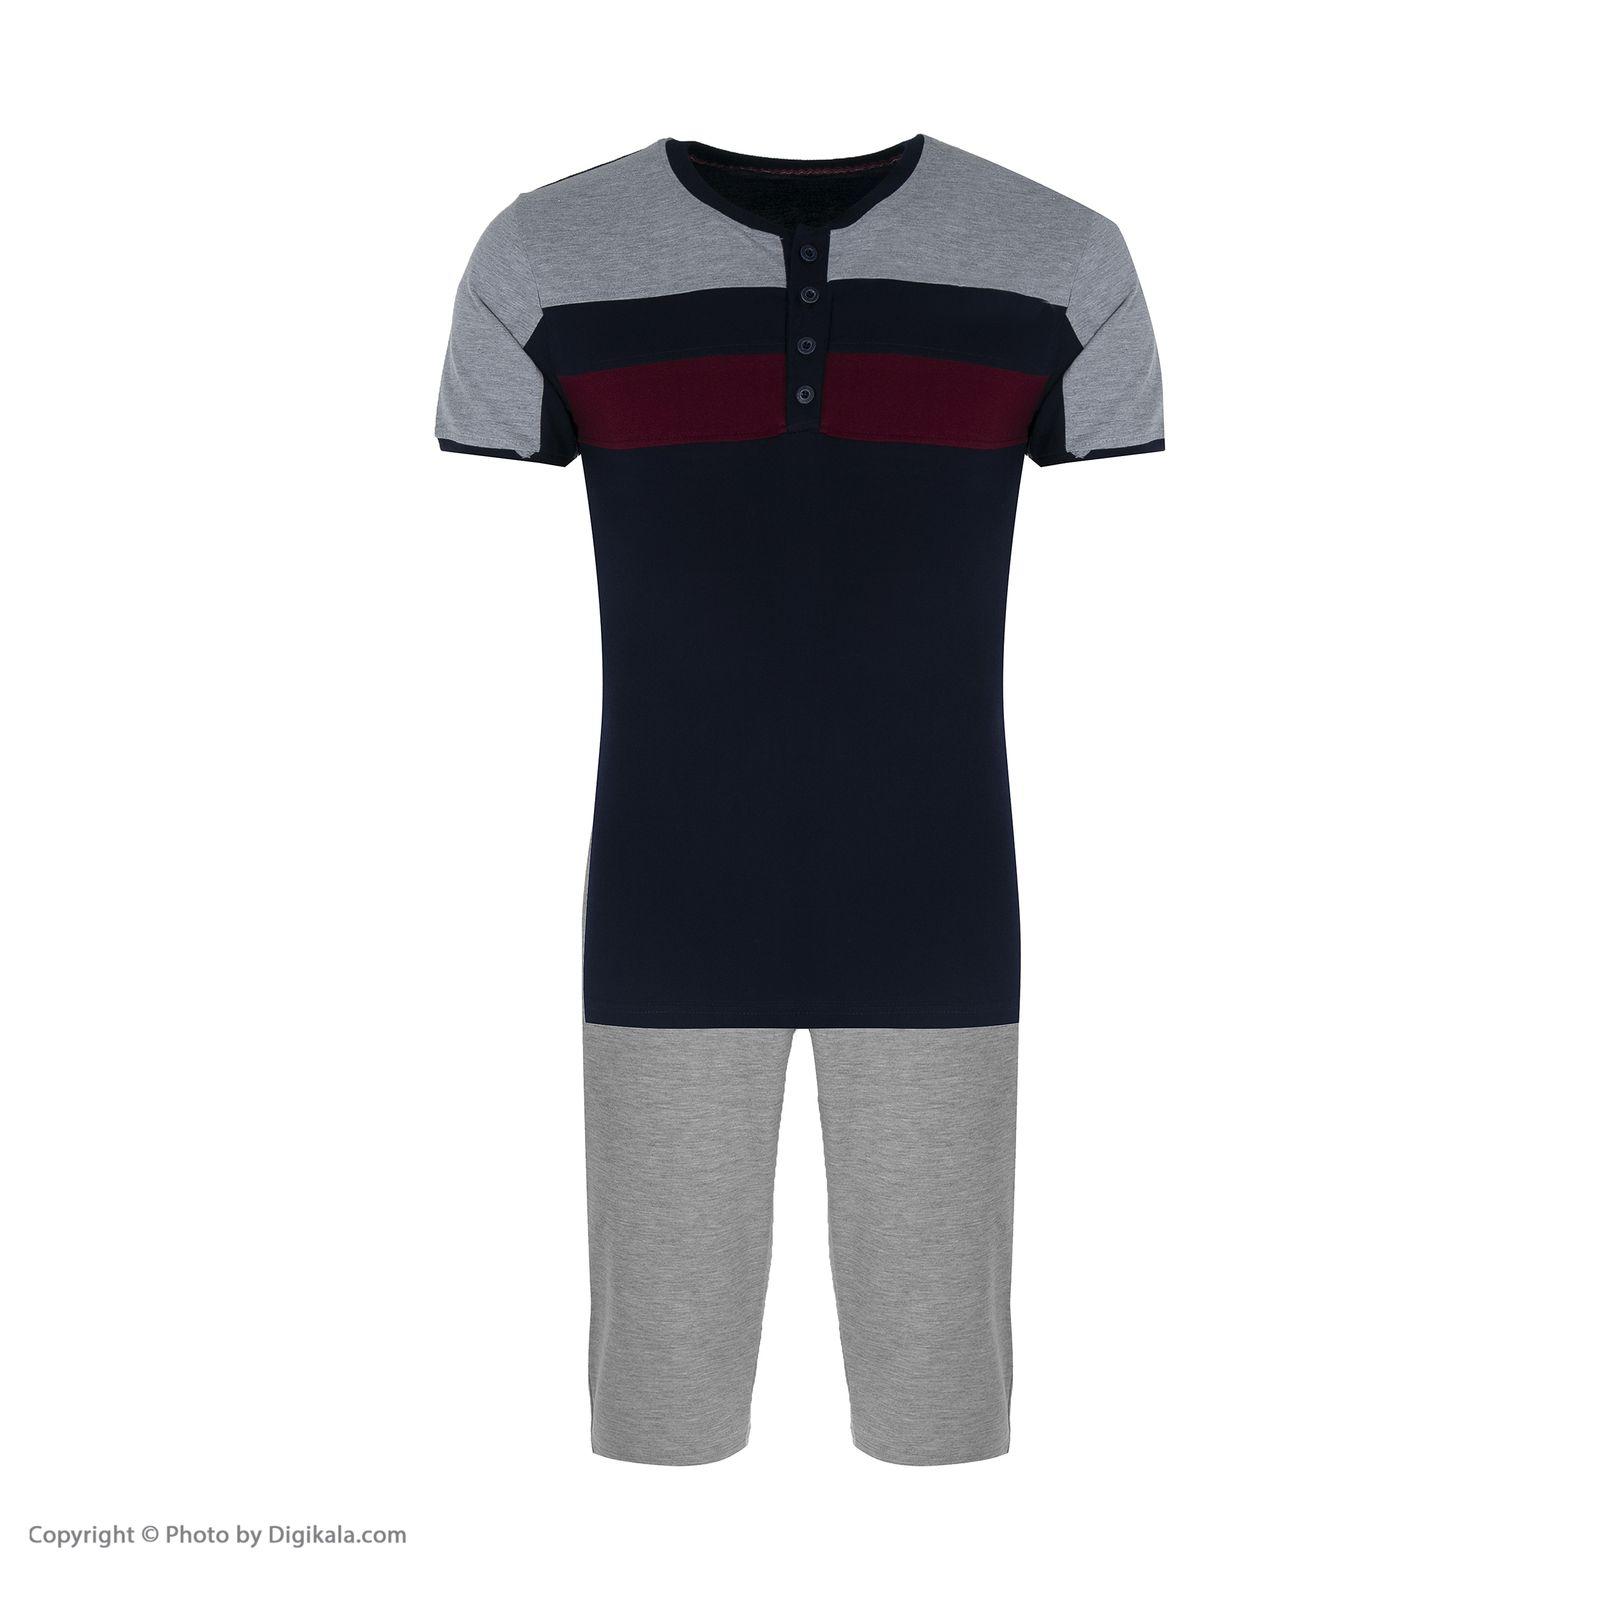 ست تی شرت و شلوار مردانه آسوده کد 0240 رنگ مشکی -  - 11